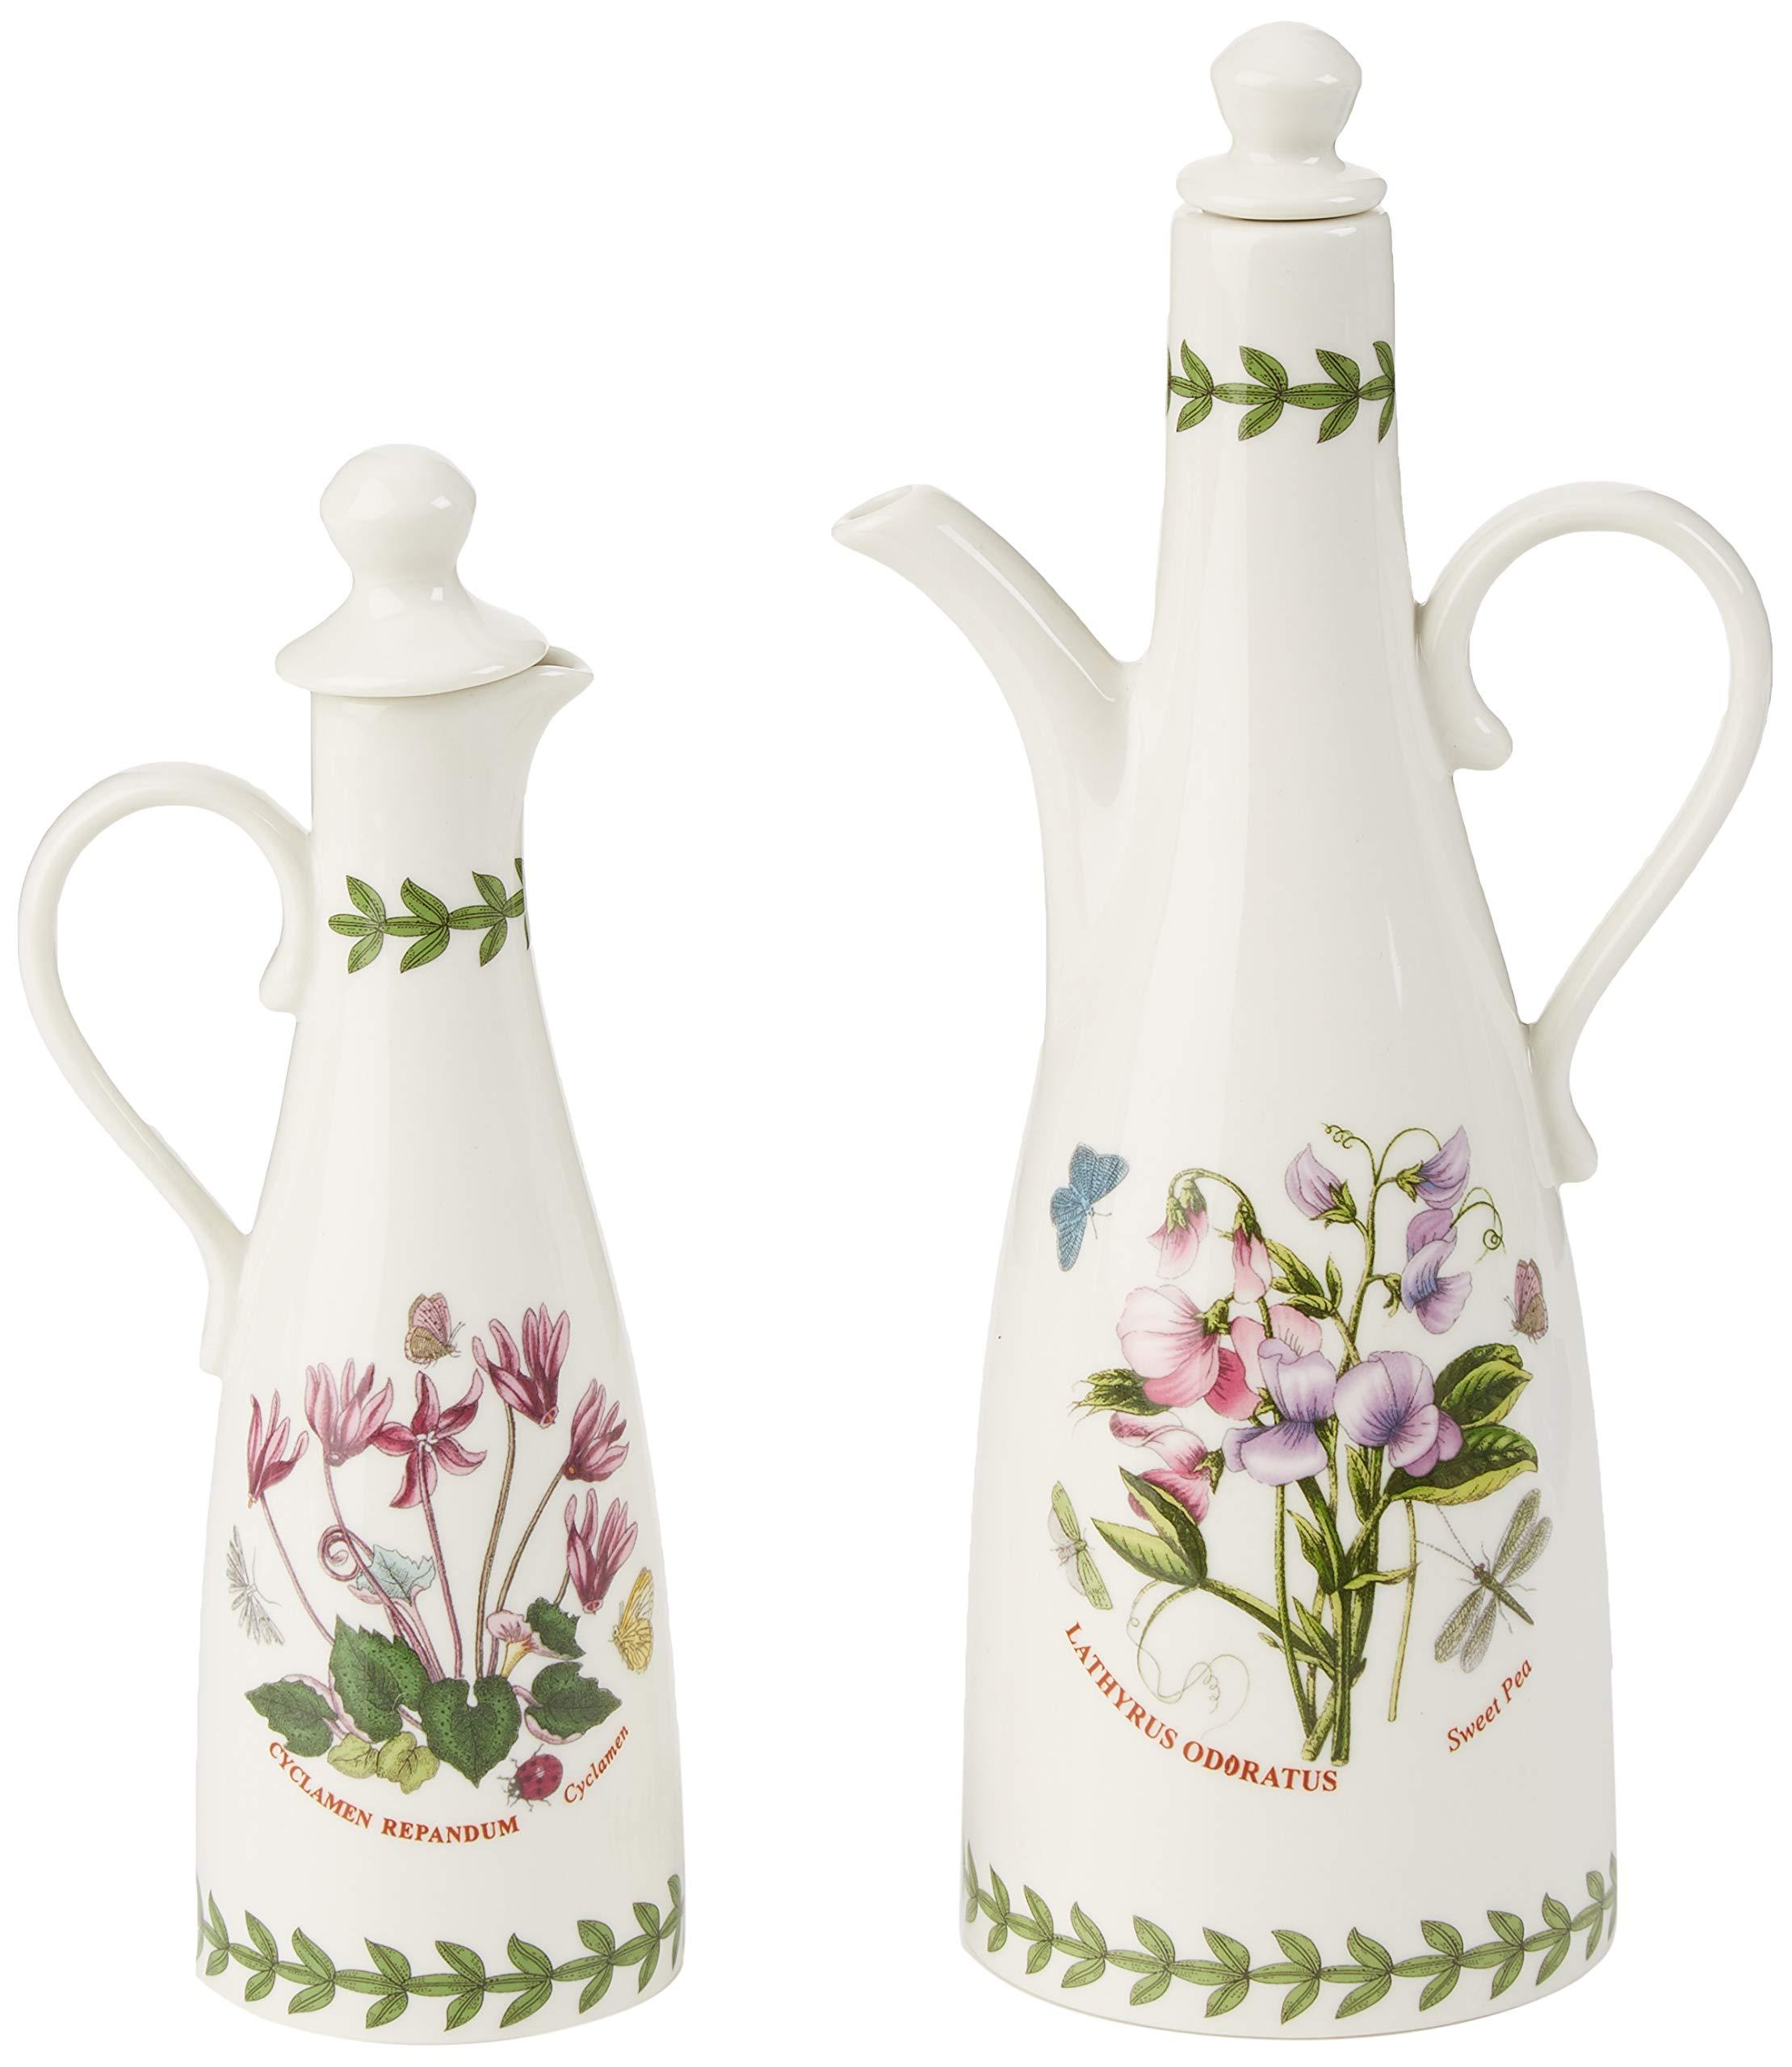 Portmeirion 612631 Botanic Garden Oil & Vinegar Set, White by Portmeirion